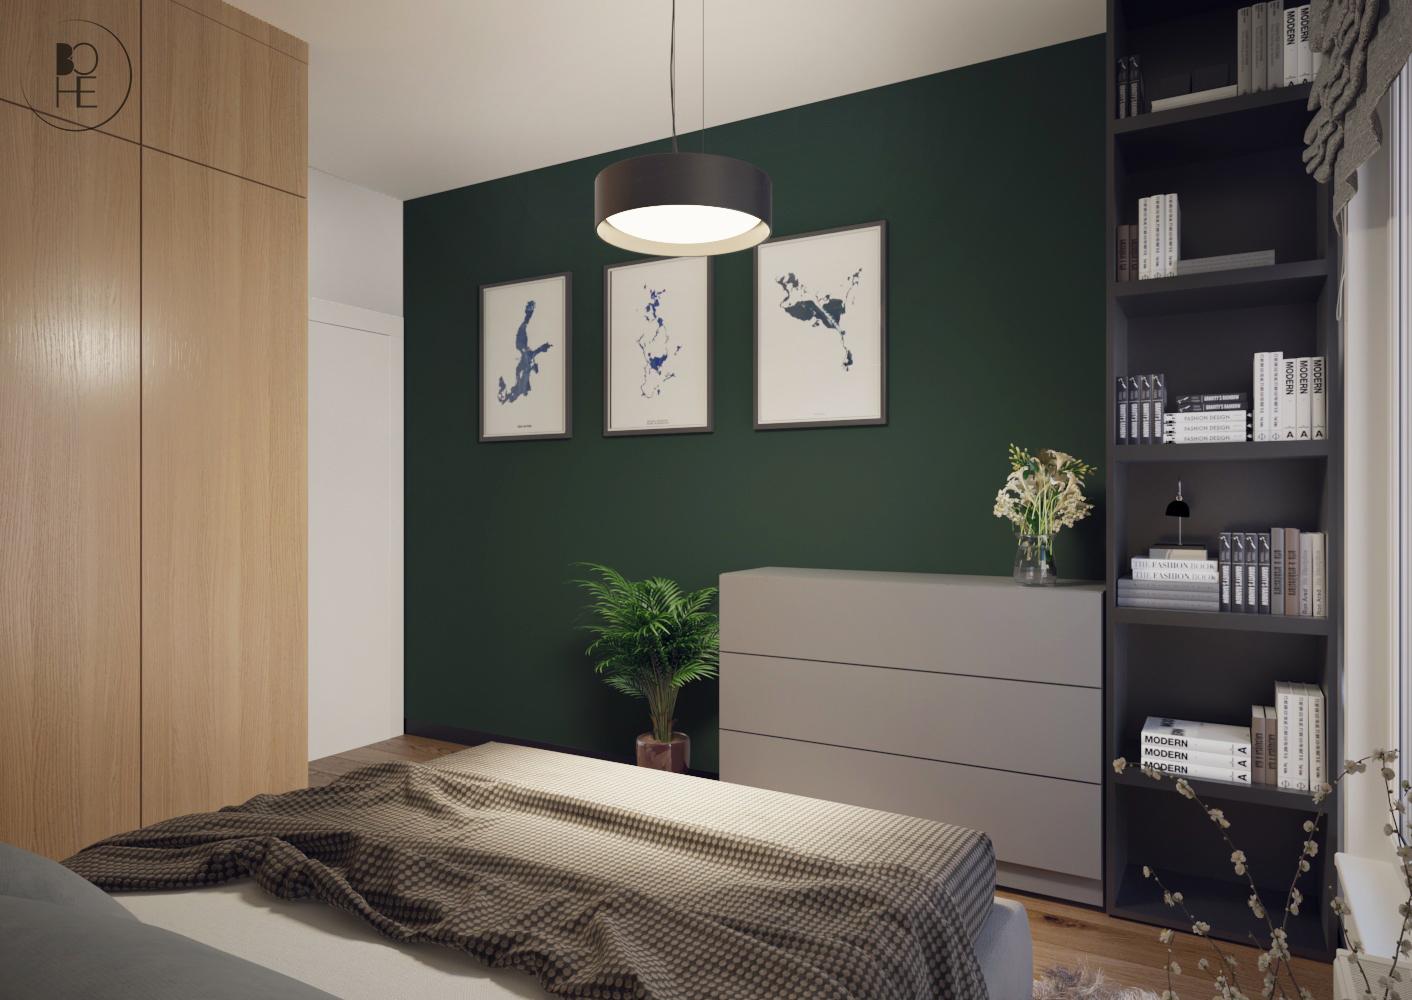 biuro projektowe Łódź aranżacja sypialni z zieloną ścianą i okrągłą lampą